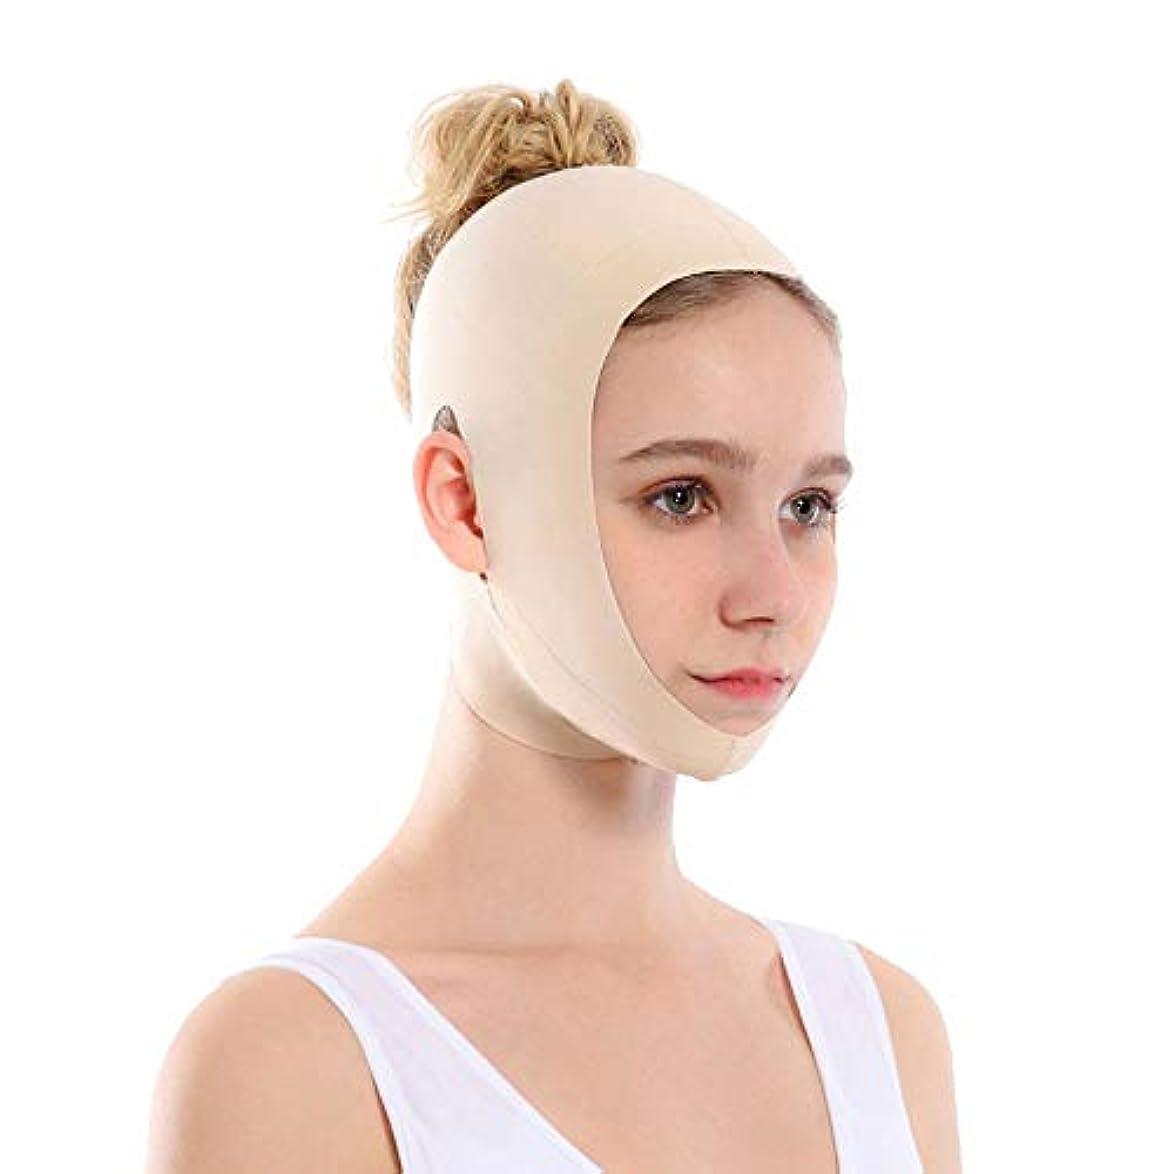 セイはさておき原理深さJia Jia- 顔を持ち上げるアーティファクトVフェイス包帯リフティング引き締め睡眠薄い顔を整形持ち上げる顔を二重あご矯正 - 肌の色 顔面包帯